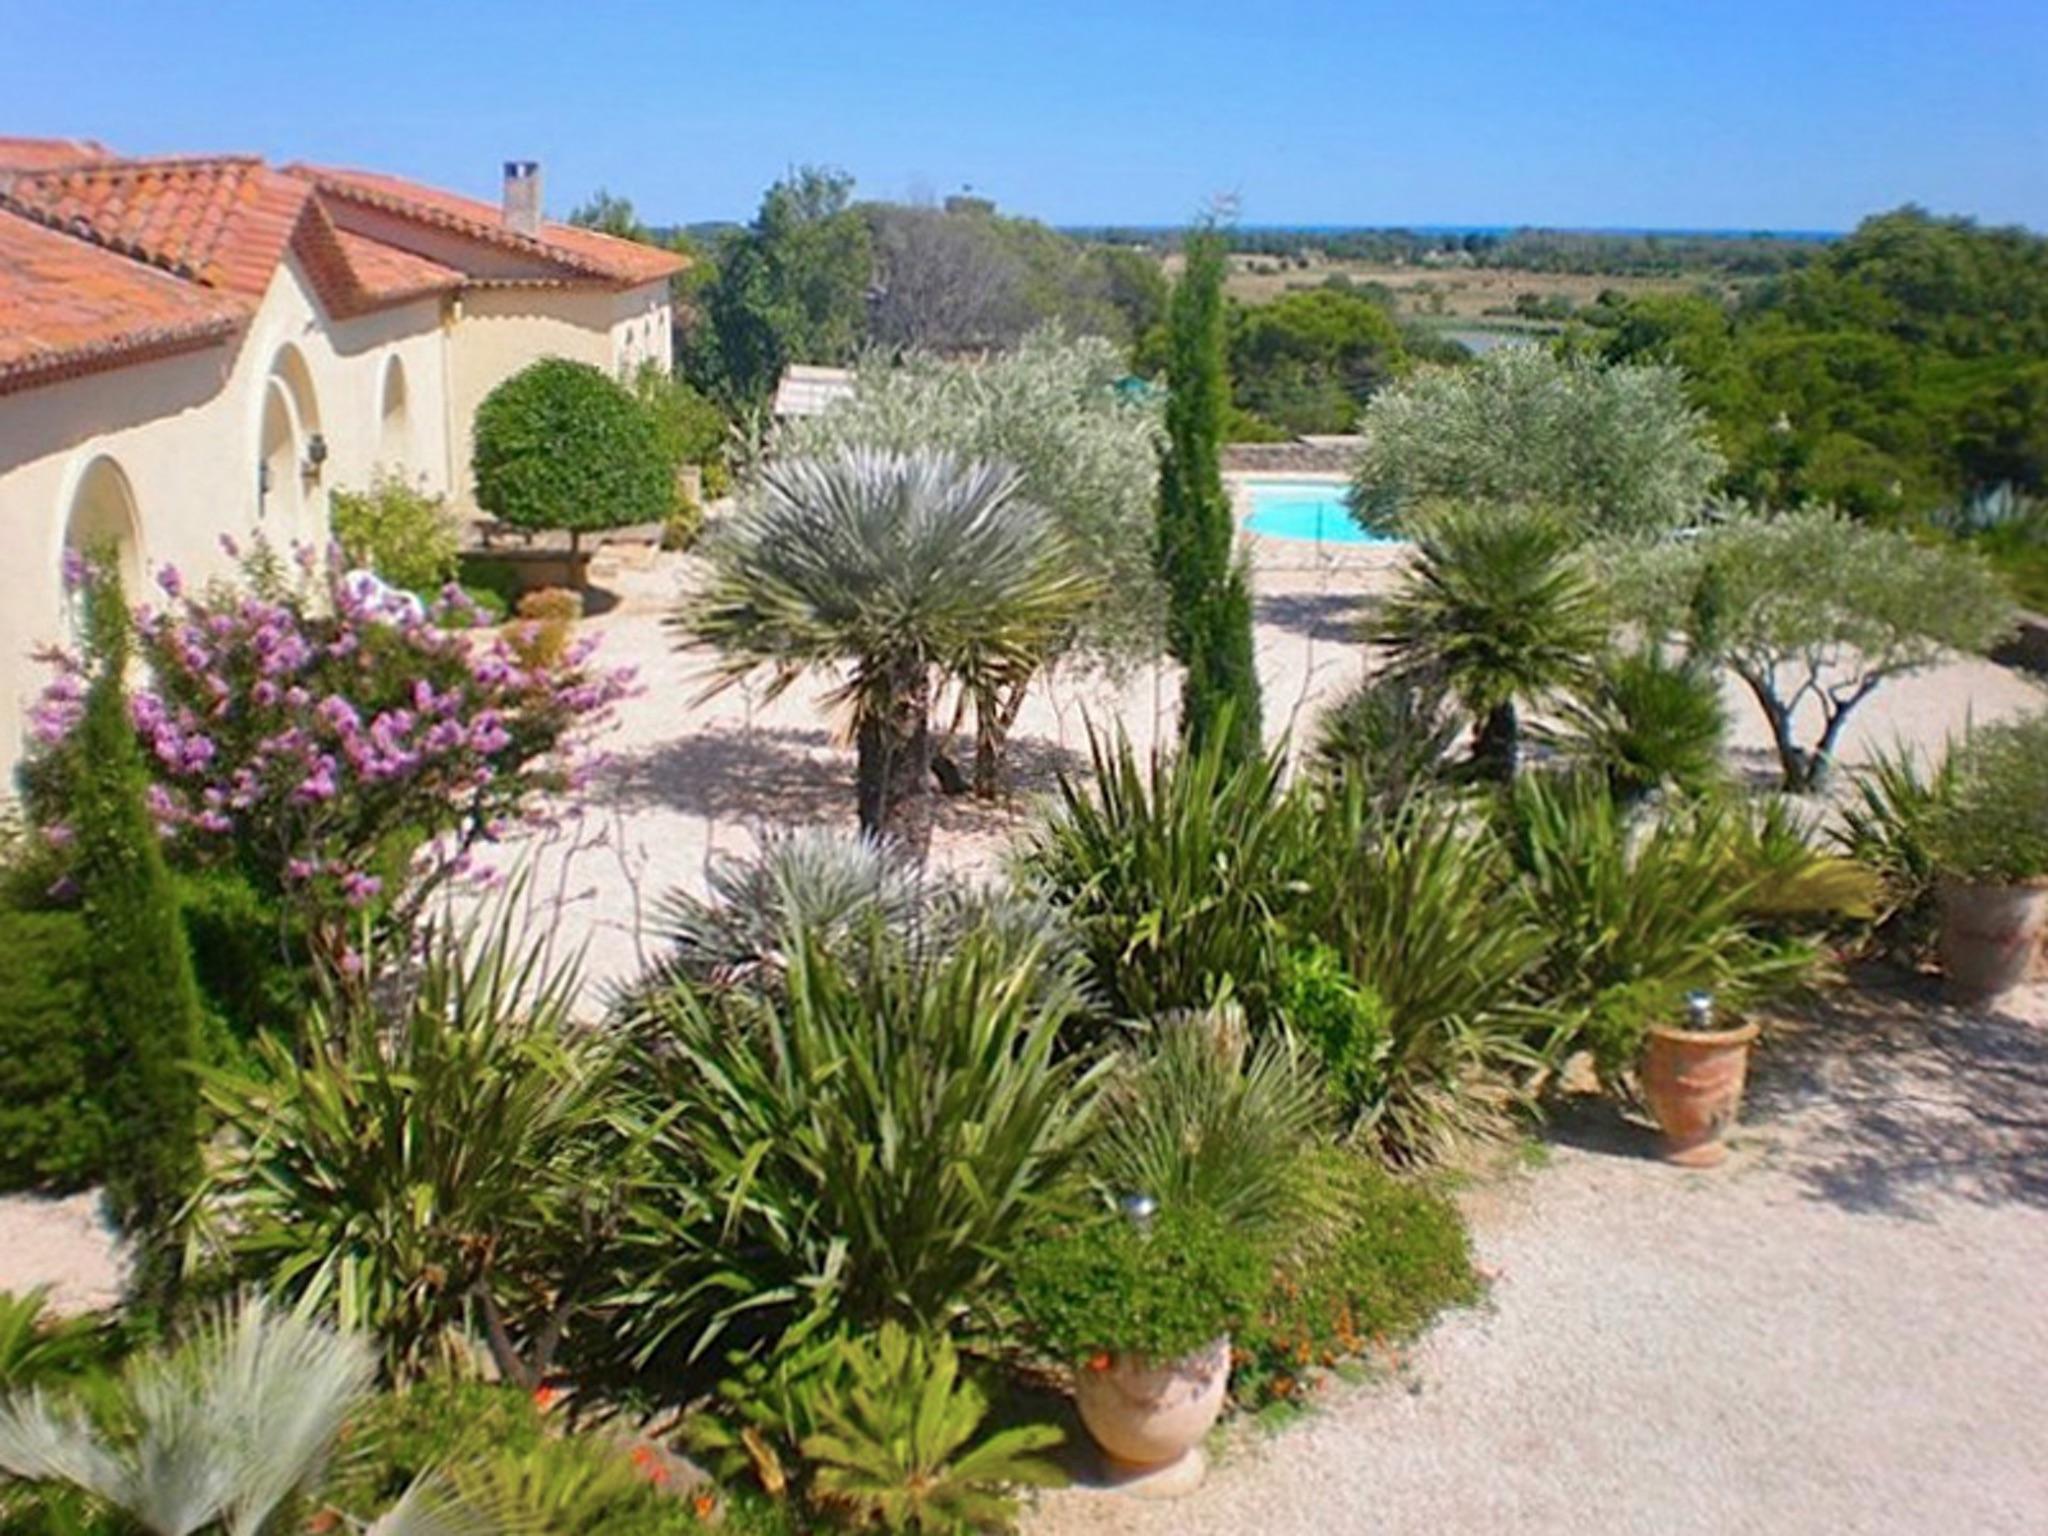 Ferienhaus Charaktervolles Haus in Hérault mit Pool und Garten (2201003), Portiragnes, Mittelmeerküste Hérault, Languedoc-Roussillon, Frankreich, Bild 30